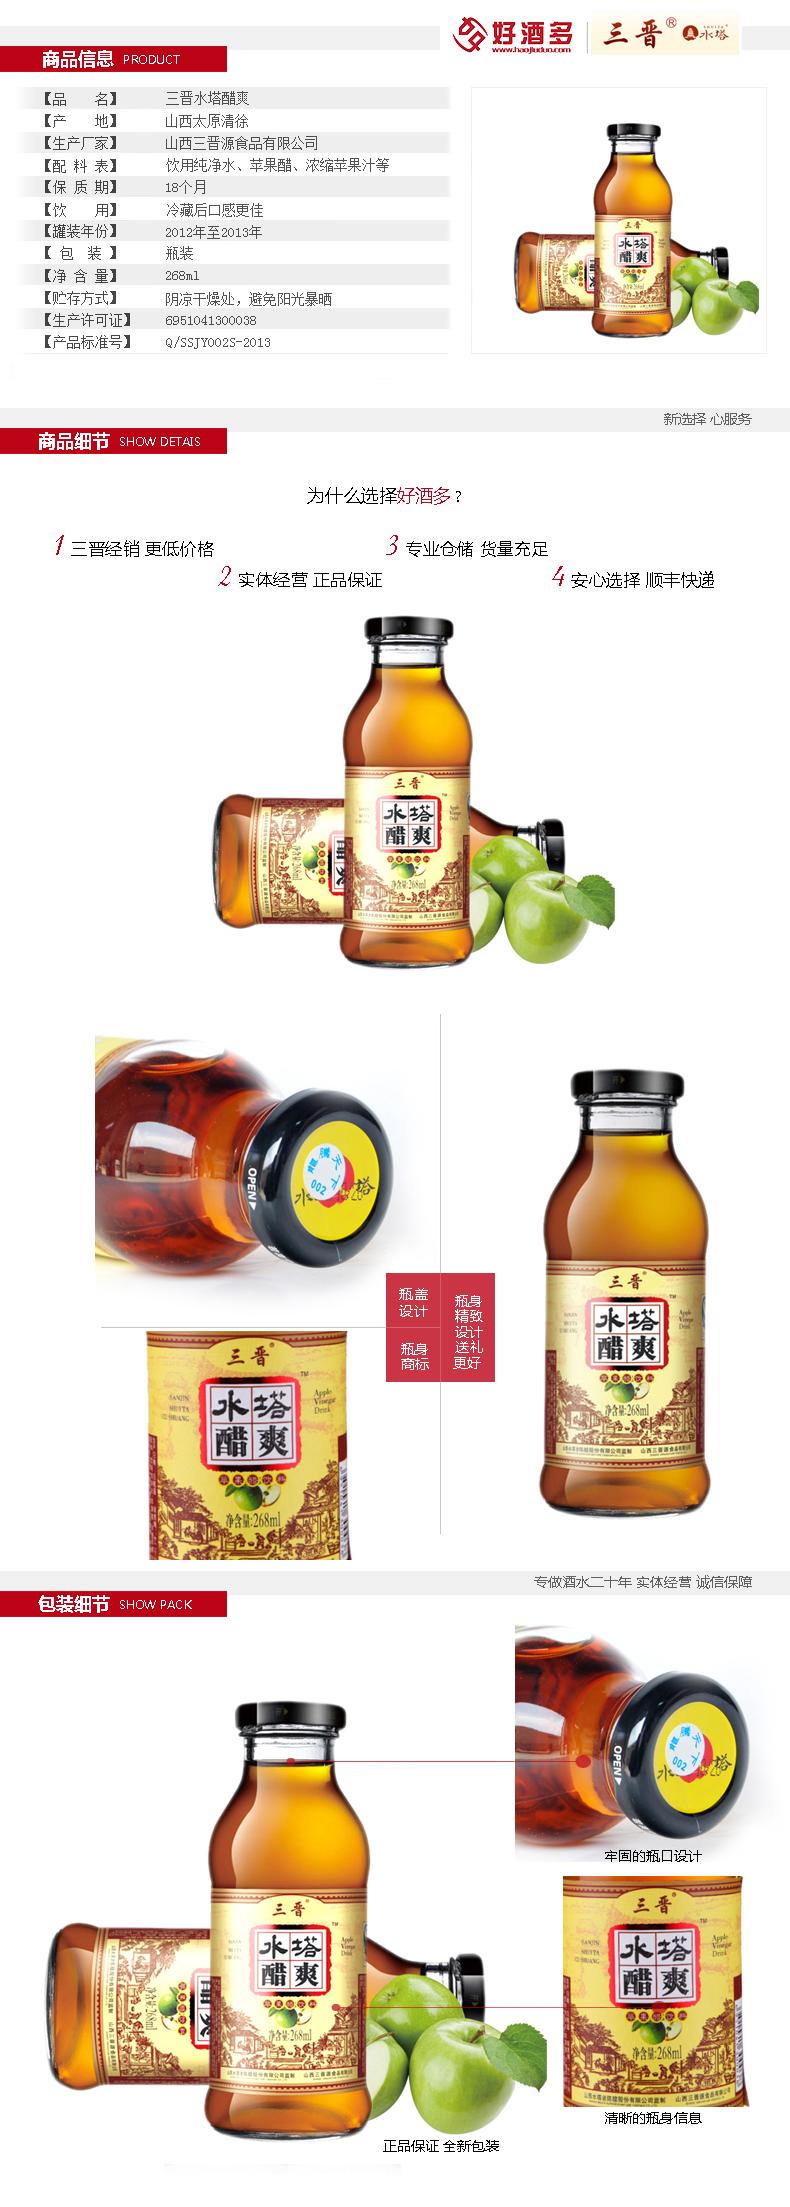 三晋水塔醋爽268ml 苹果醋12瓶装